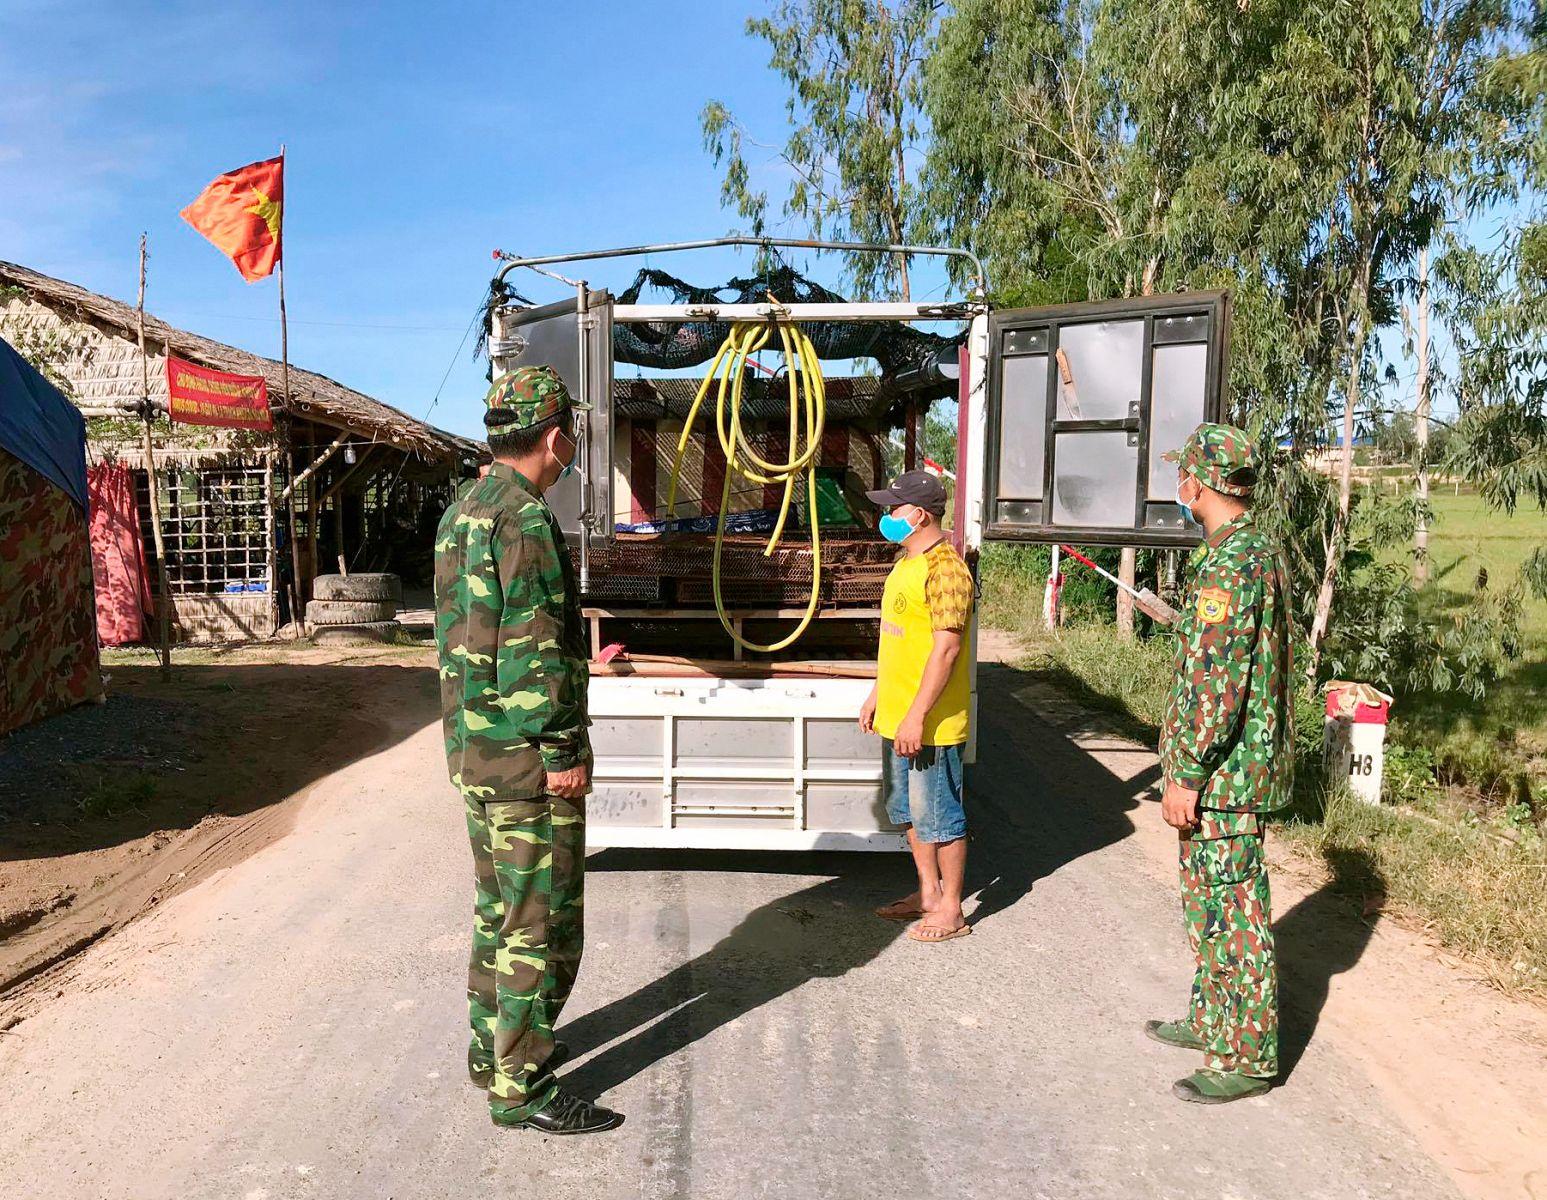 Chốt chống dịch Covid-19 Đồn Biên phòng Sông Trăng, kiểm soát chặt chẽ người, phương tiện,hàng hóa qua lại biên giới